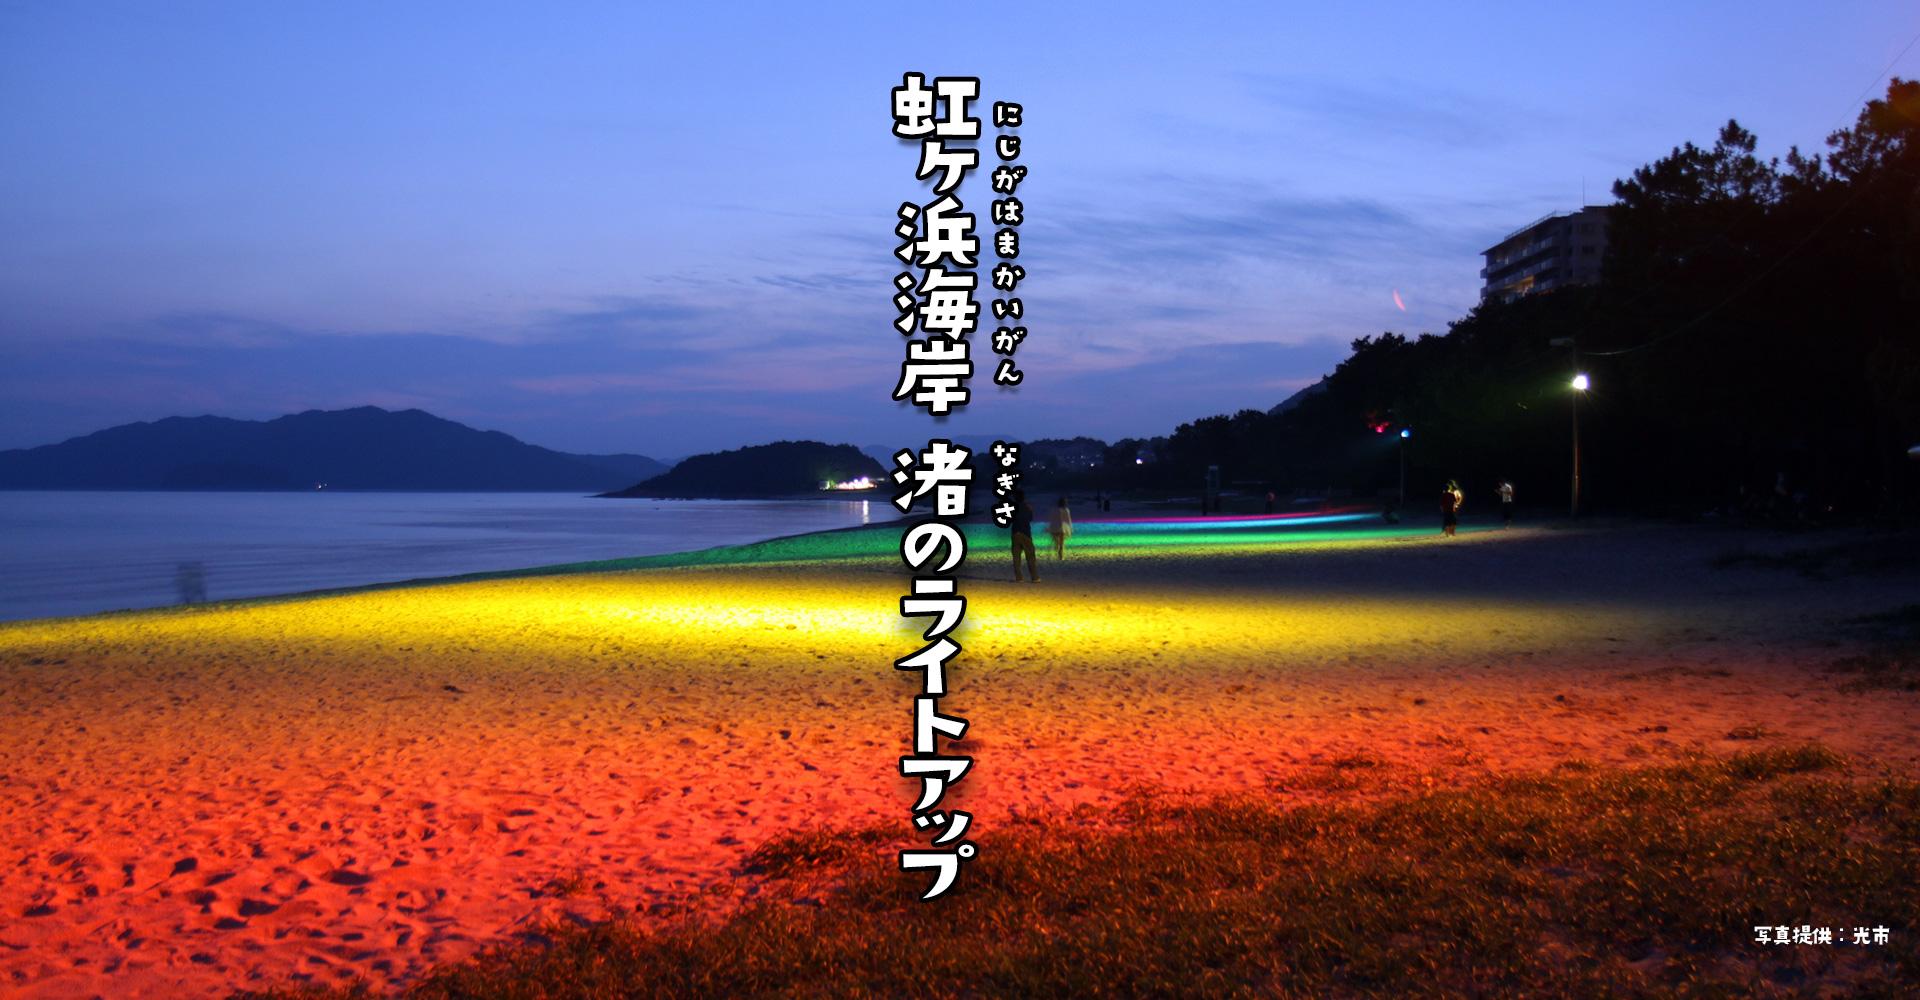 渚のライトアップ